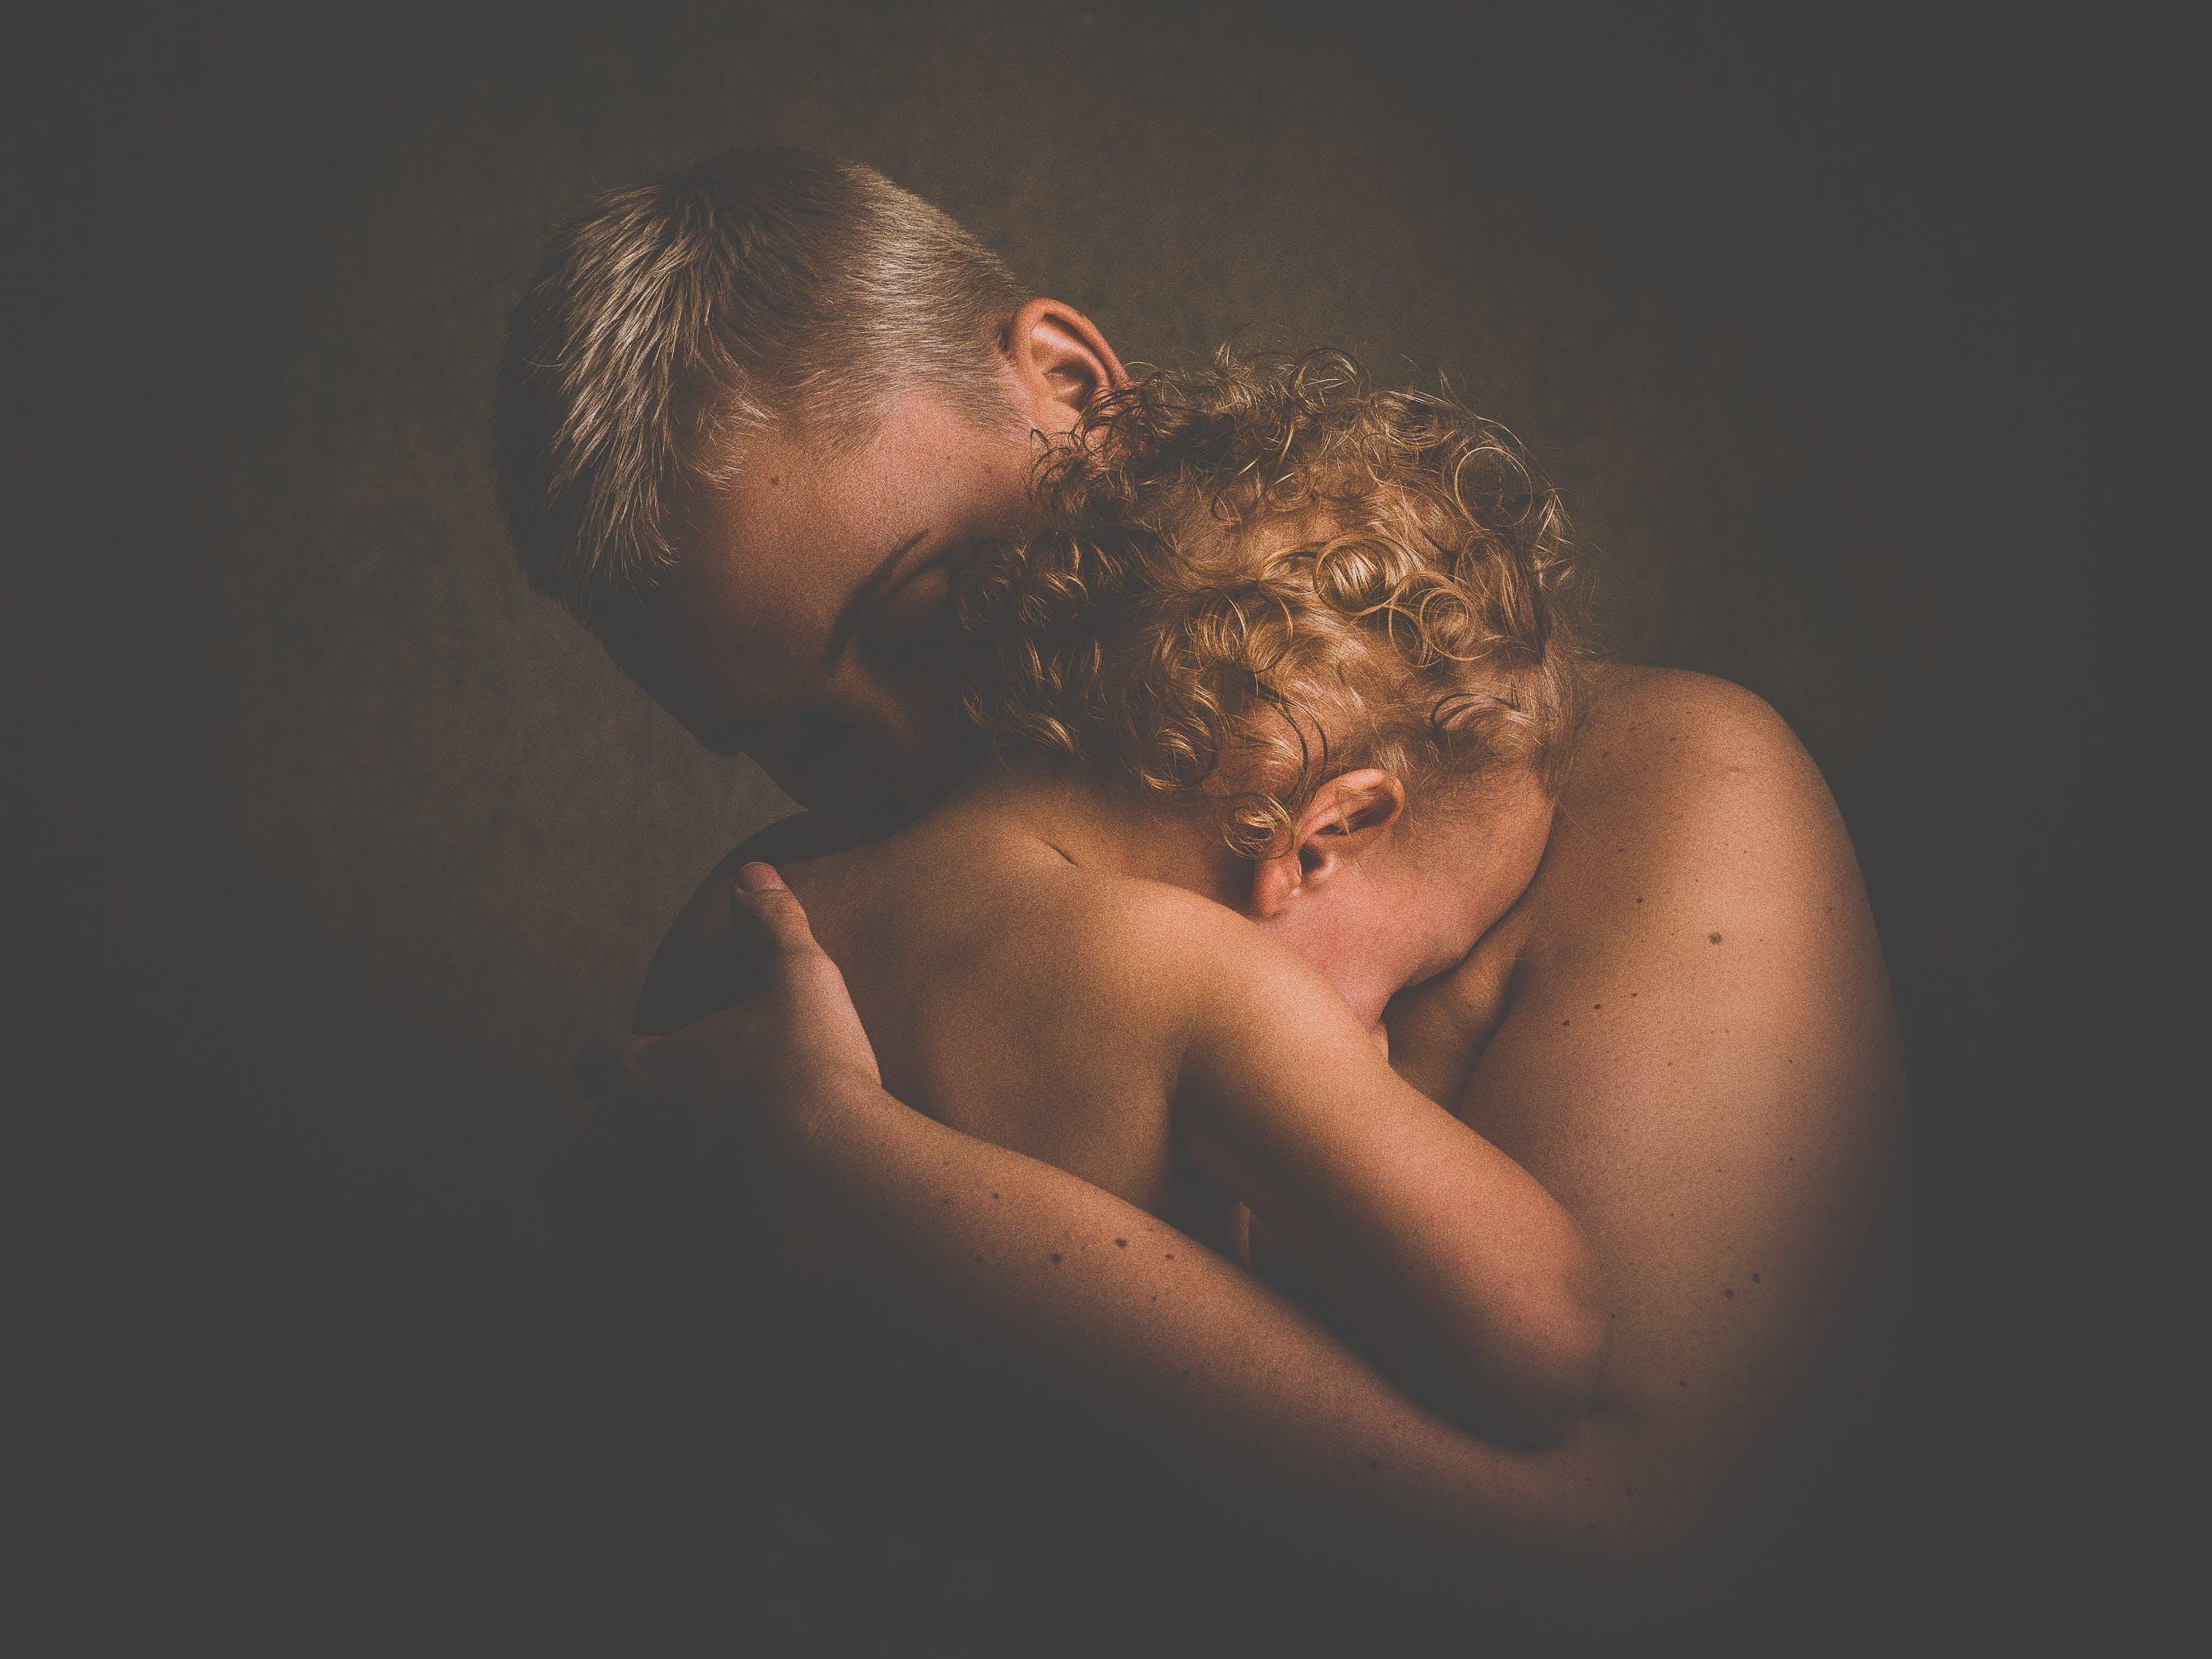 Gratis stockfoto met baby, bloot, jeugd, kind